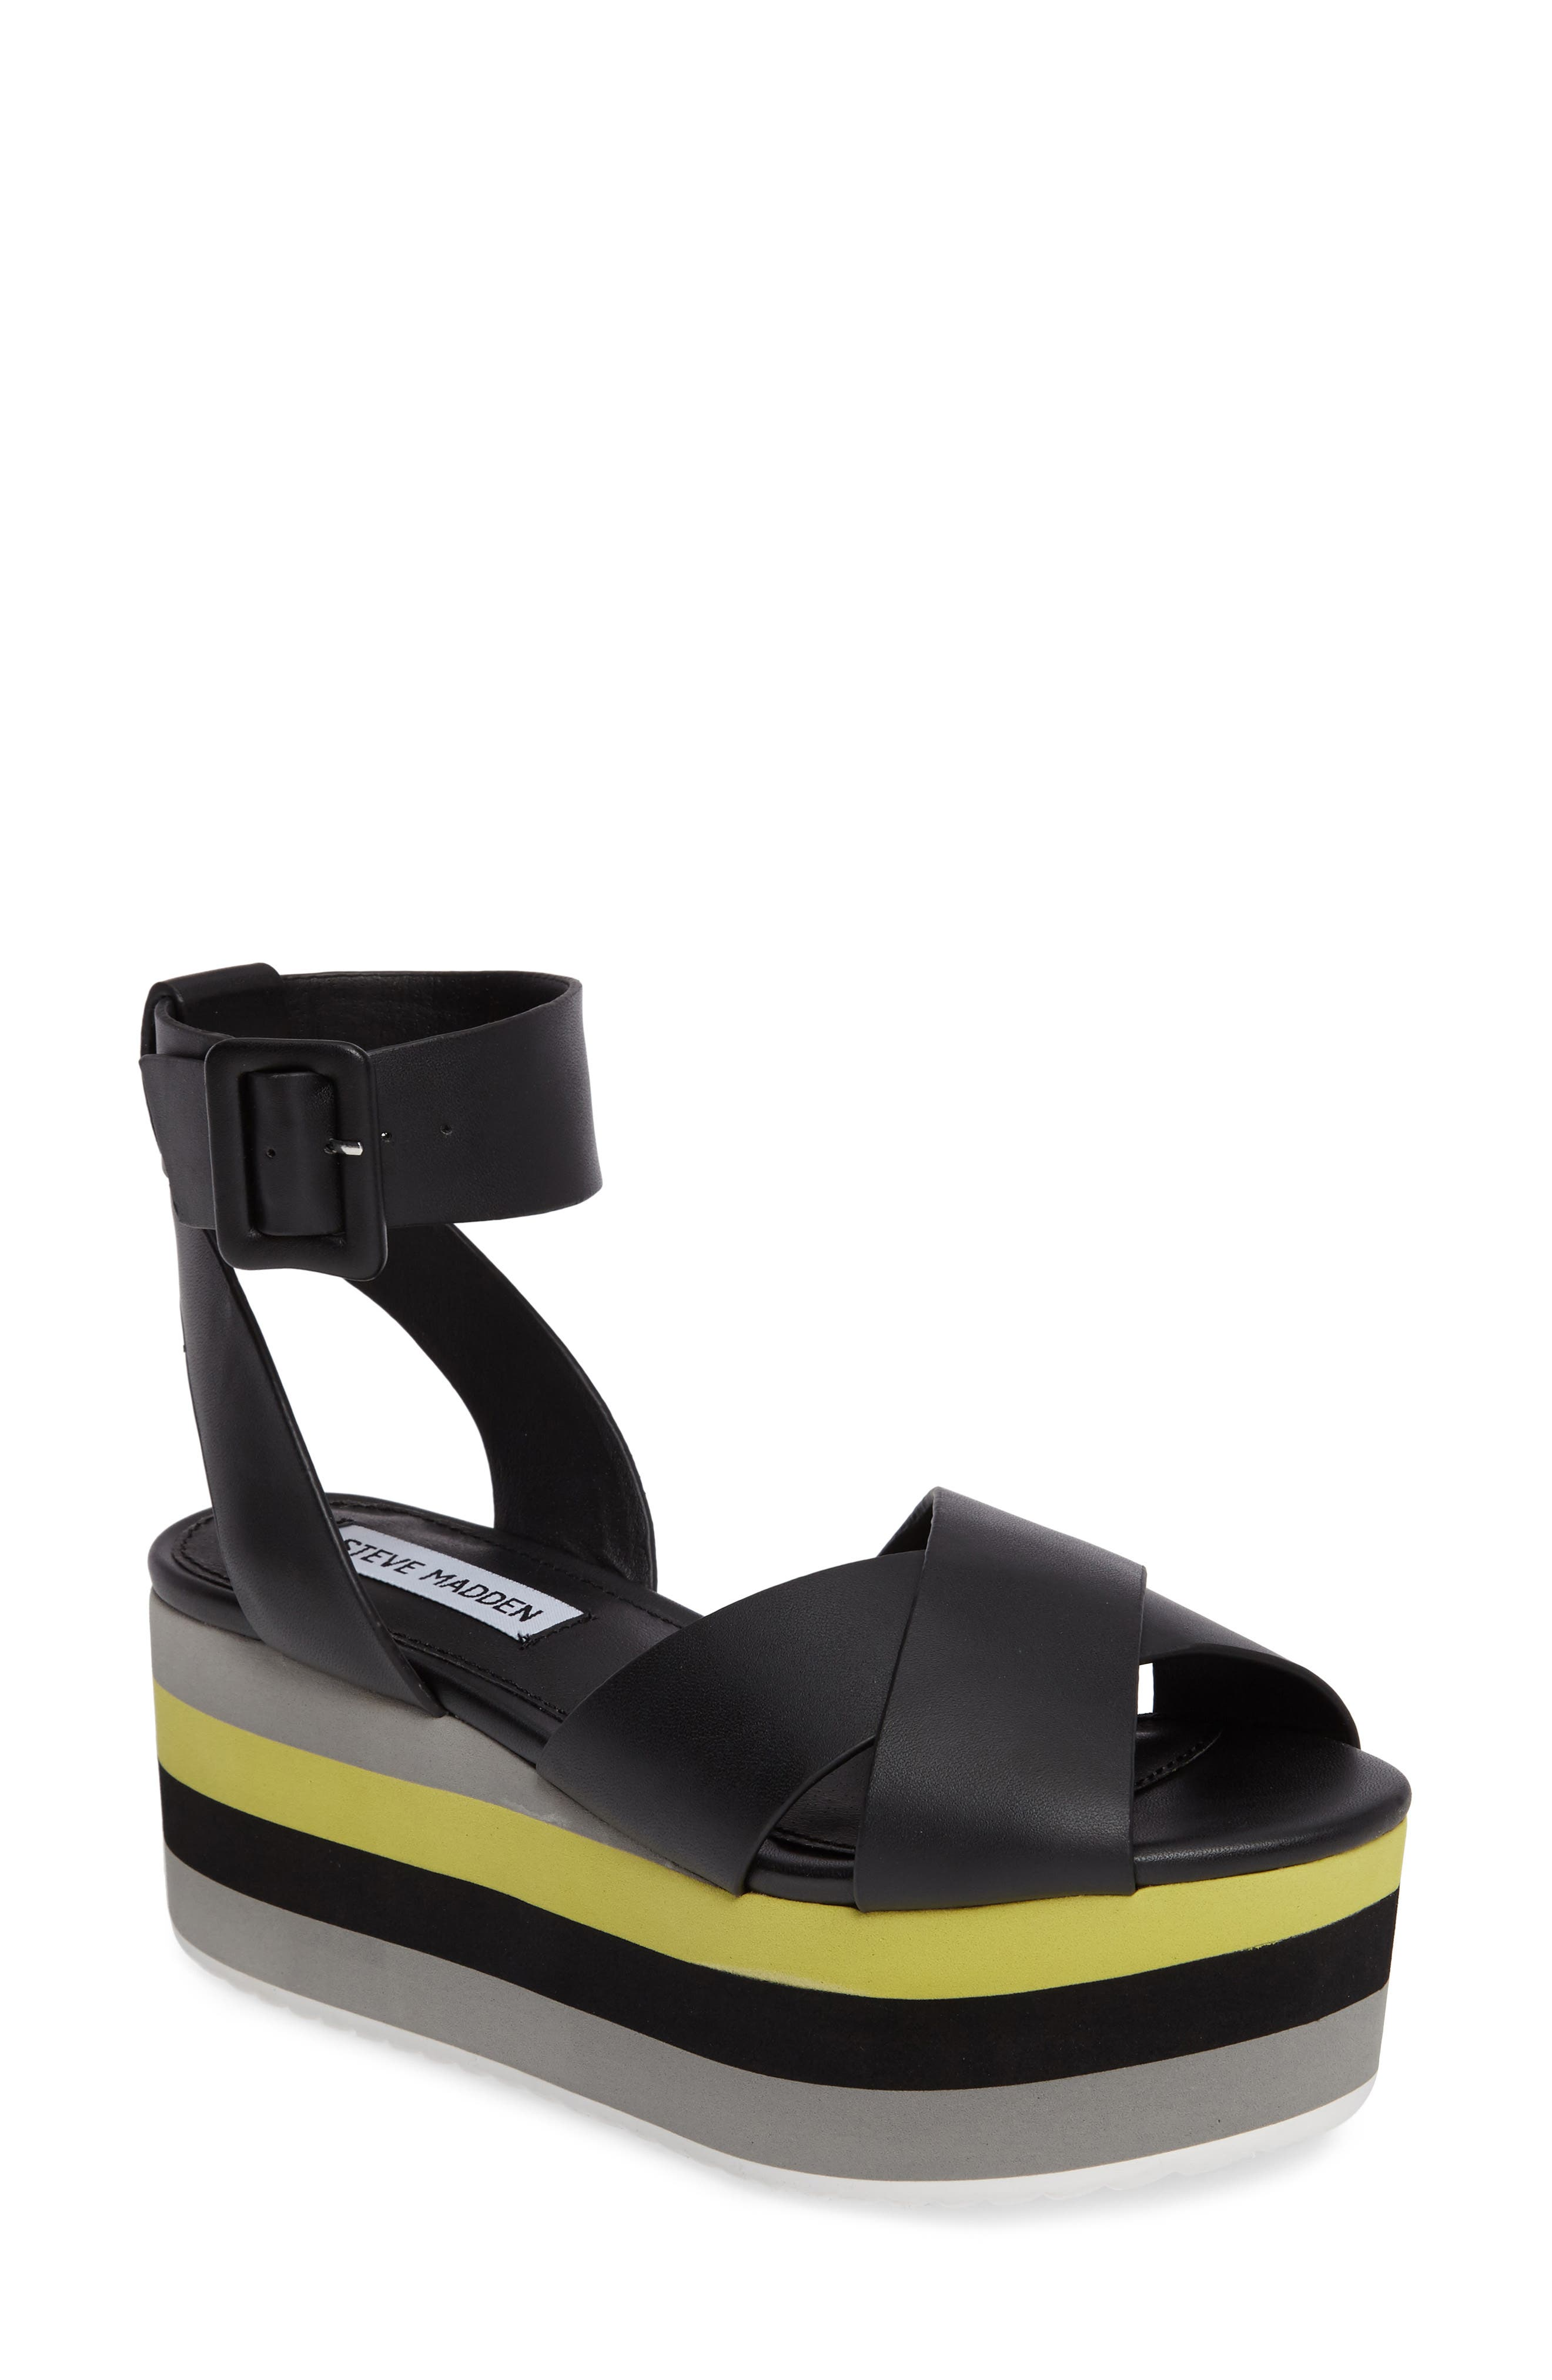 Main Image - Steve Madden Macer Cuffed Platform Sandal (Women)